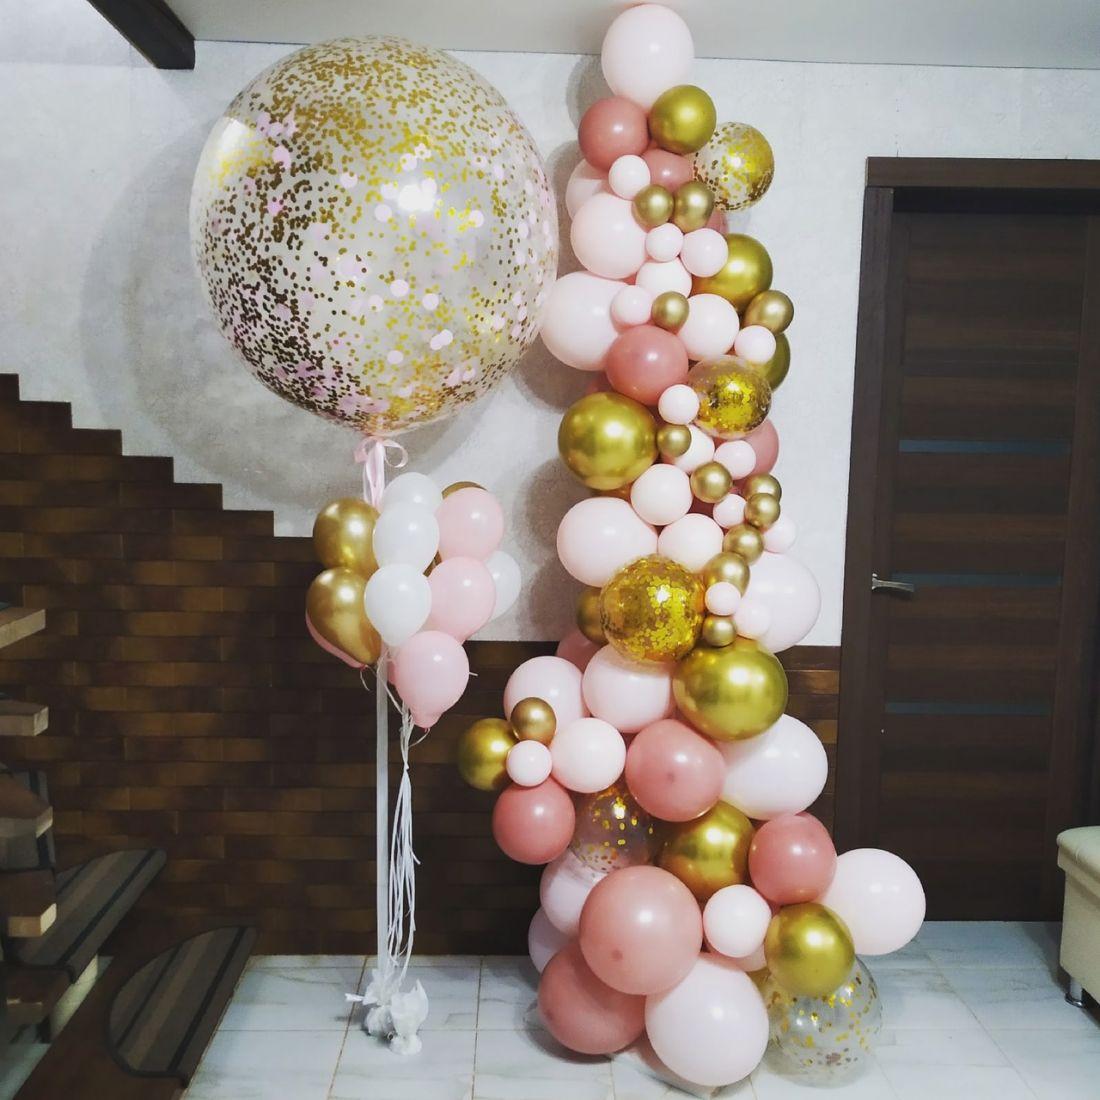 Оформление с разнокалиберной гирляндой, метровым шаром и шариками МИКРО